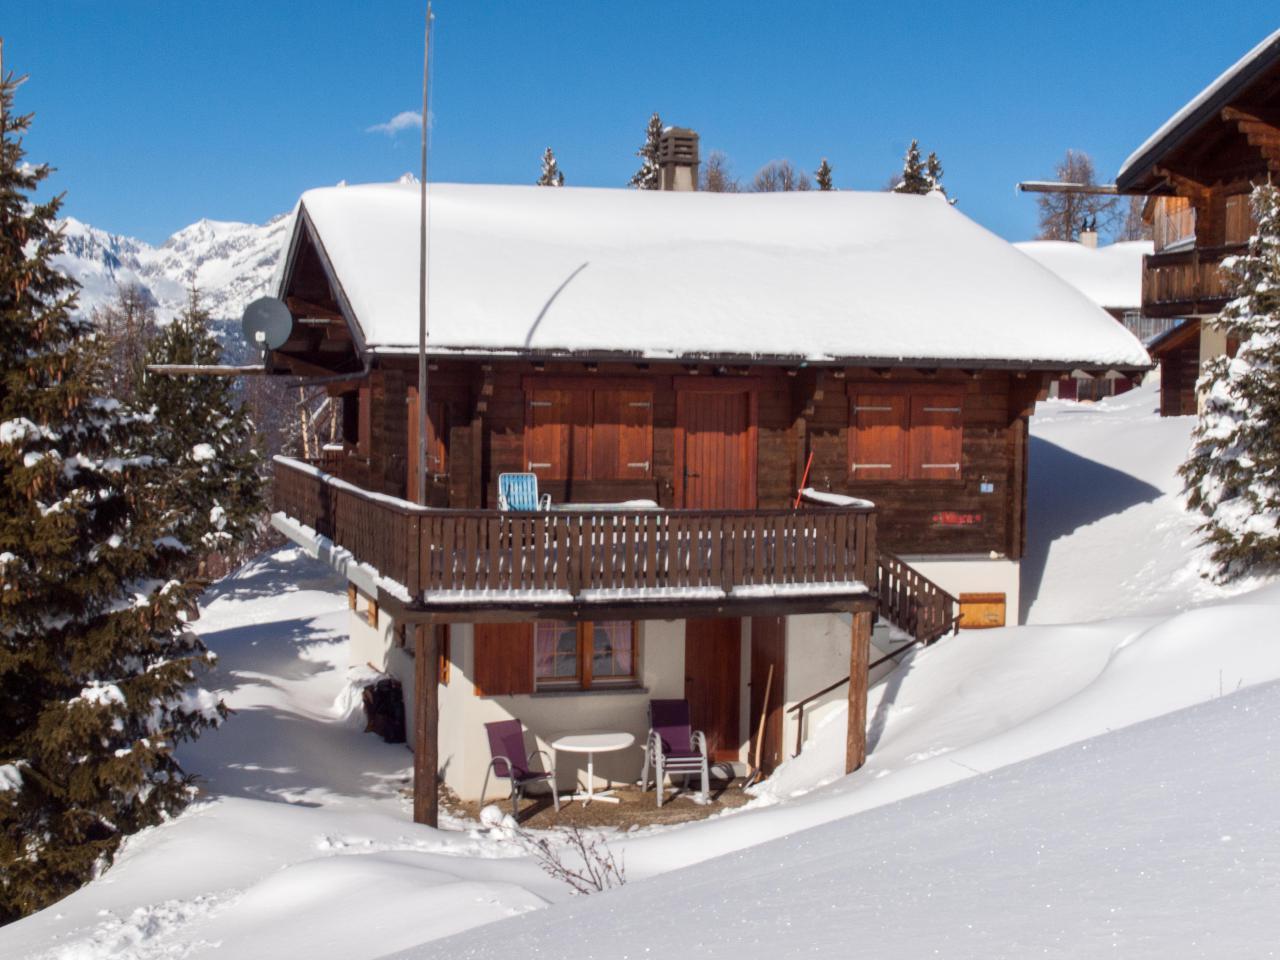 Ferienwohnung Chalet Allegra | Ferienwohnung in den Alpen (2245630), Rosswald, Brig - Simplon, Wallis, Schweiz, Bild 2